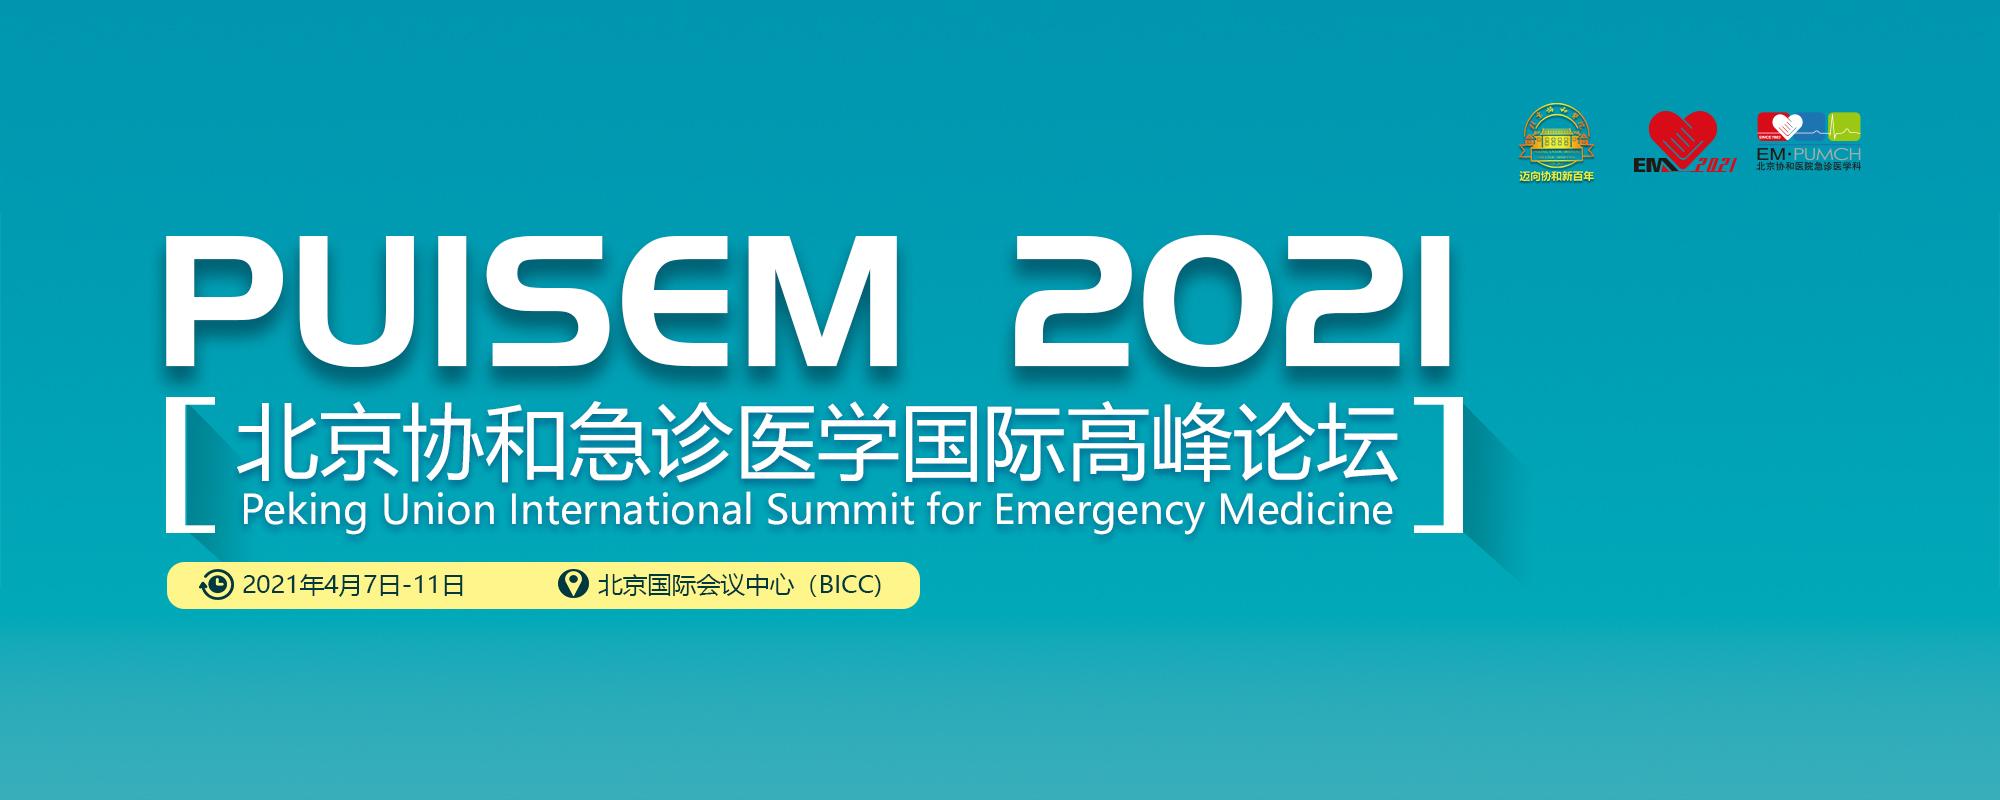 2021北京协和急诊医学国际高峰论坛